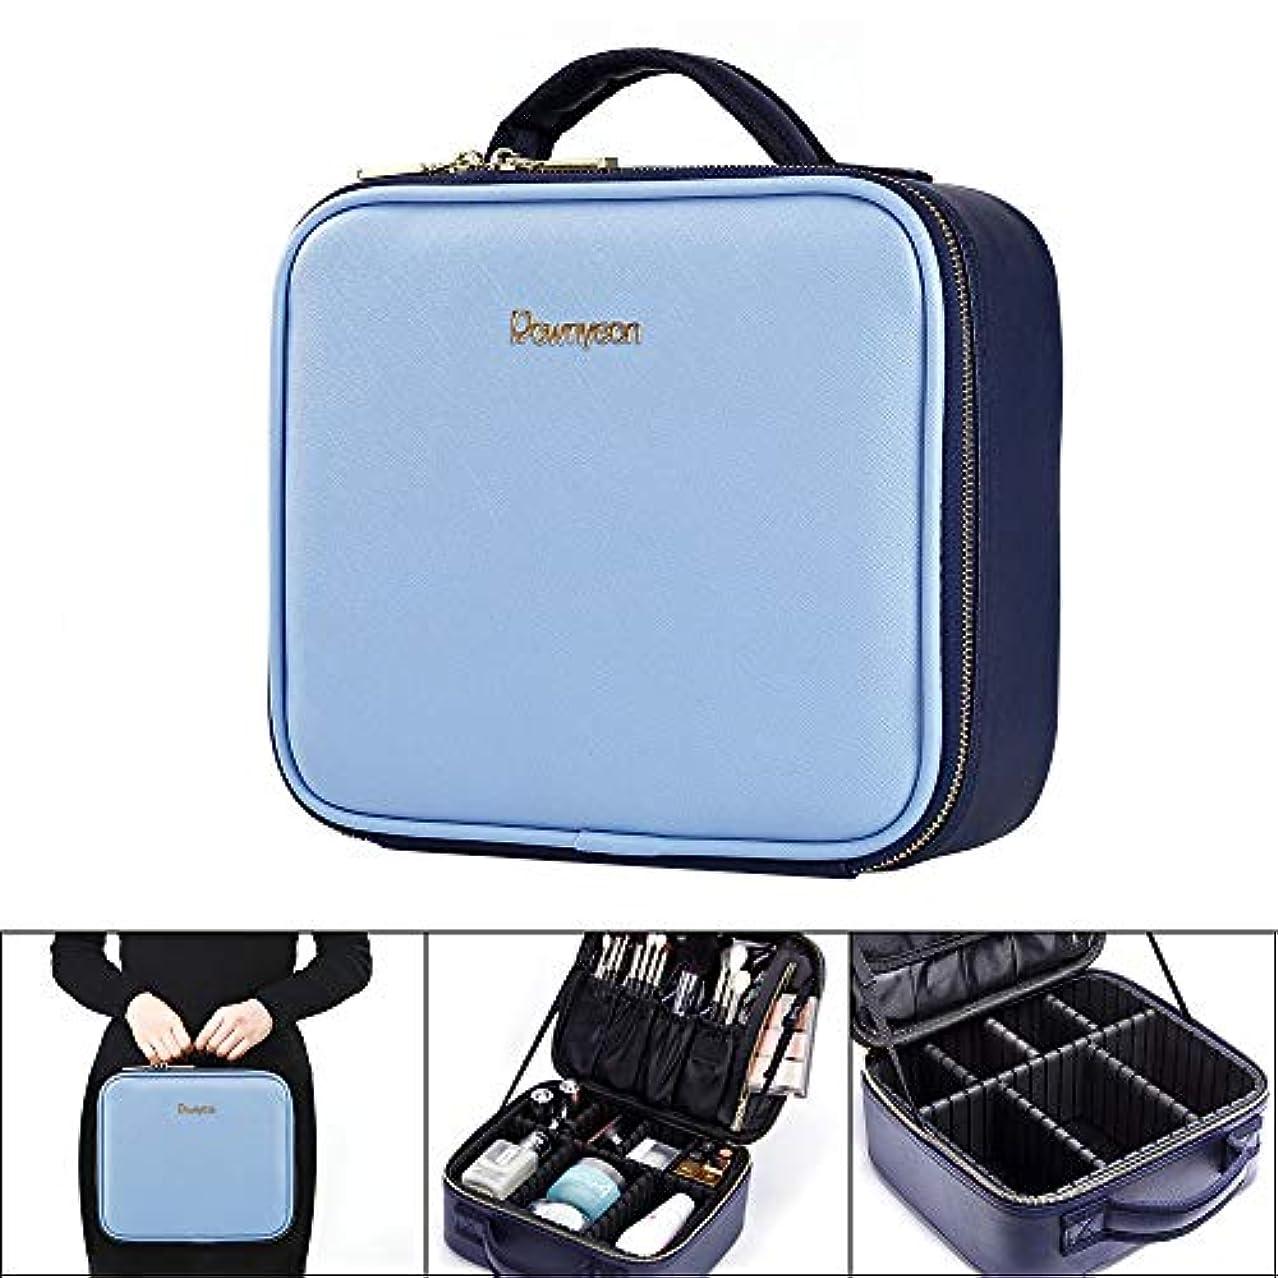 アラビア語ヘクタールトランスミッション水色 メイクボックス 大容量 コスメボックス 携帯用 旅行 出張 化粧ボックス プロ用 ブラシ入れ付き